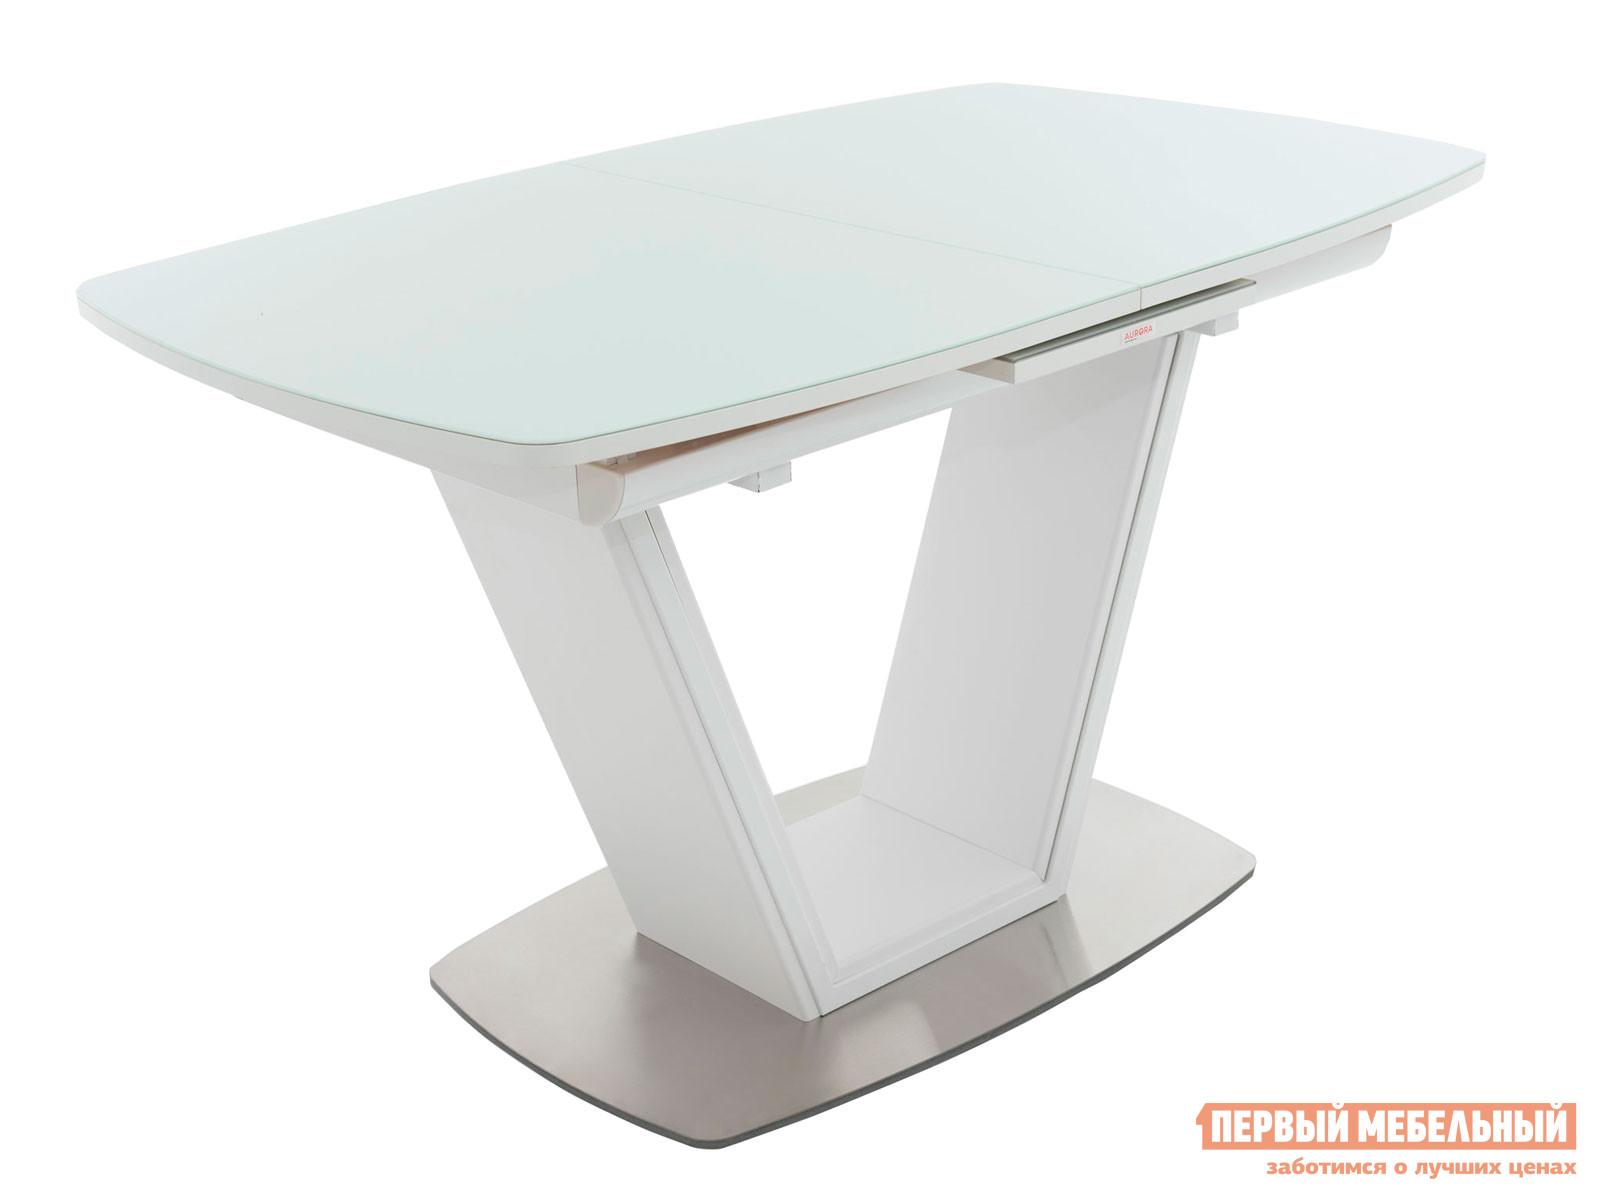 Кухонный стол  Севилья Белый / Стекло белое Мебвилл 118620